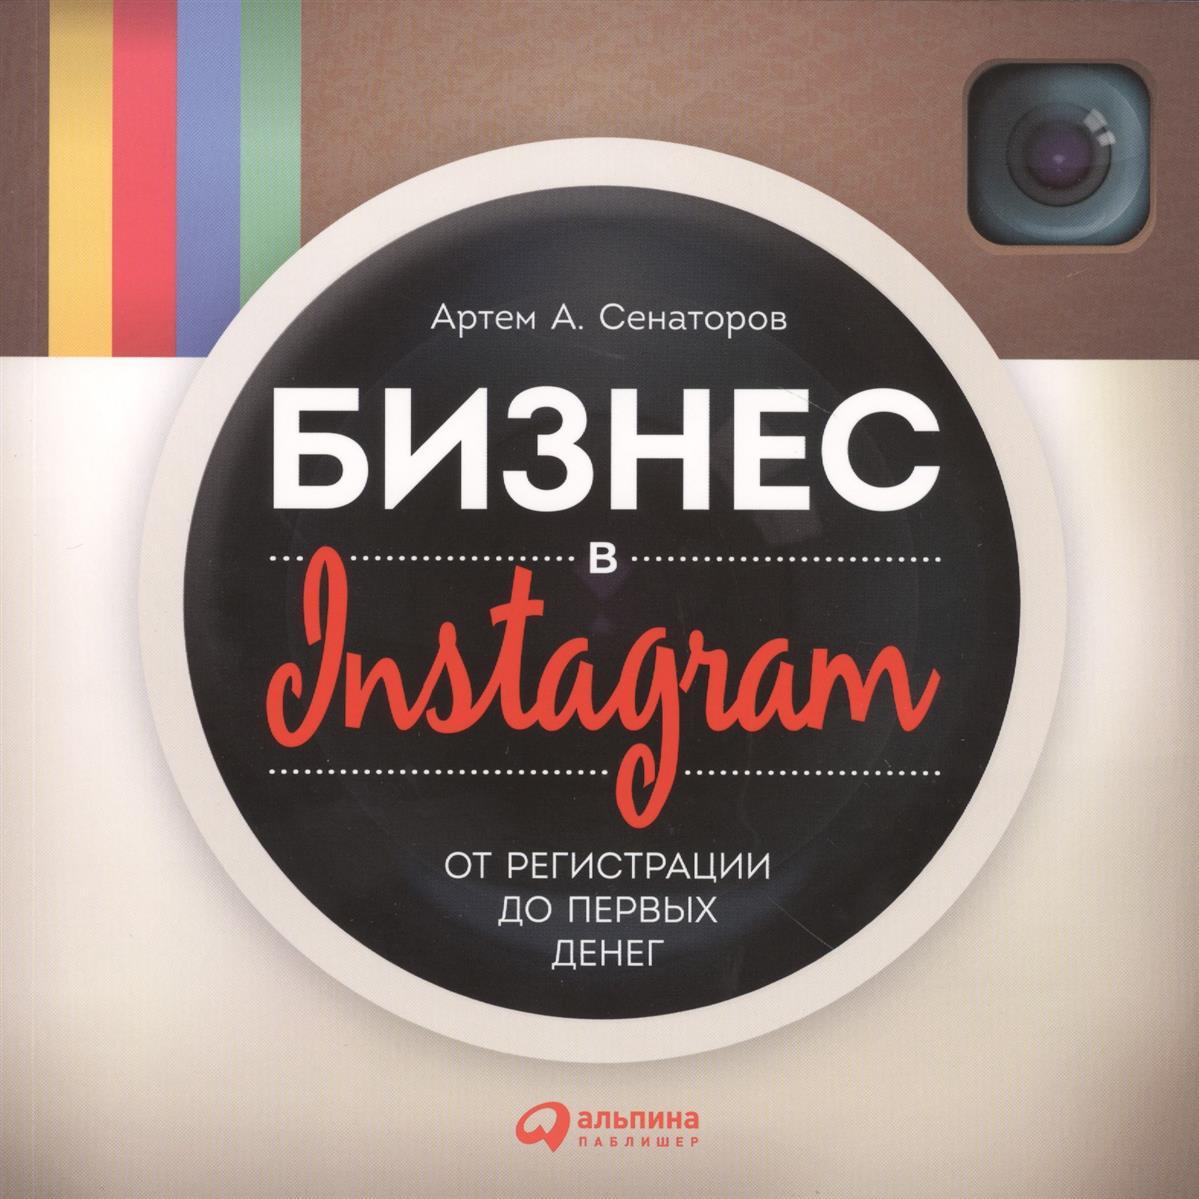 Сенаторов А. Бизнес в Instagram: От регистрации до первых денег alexander metelev become instagram famous